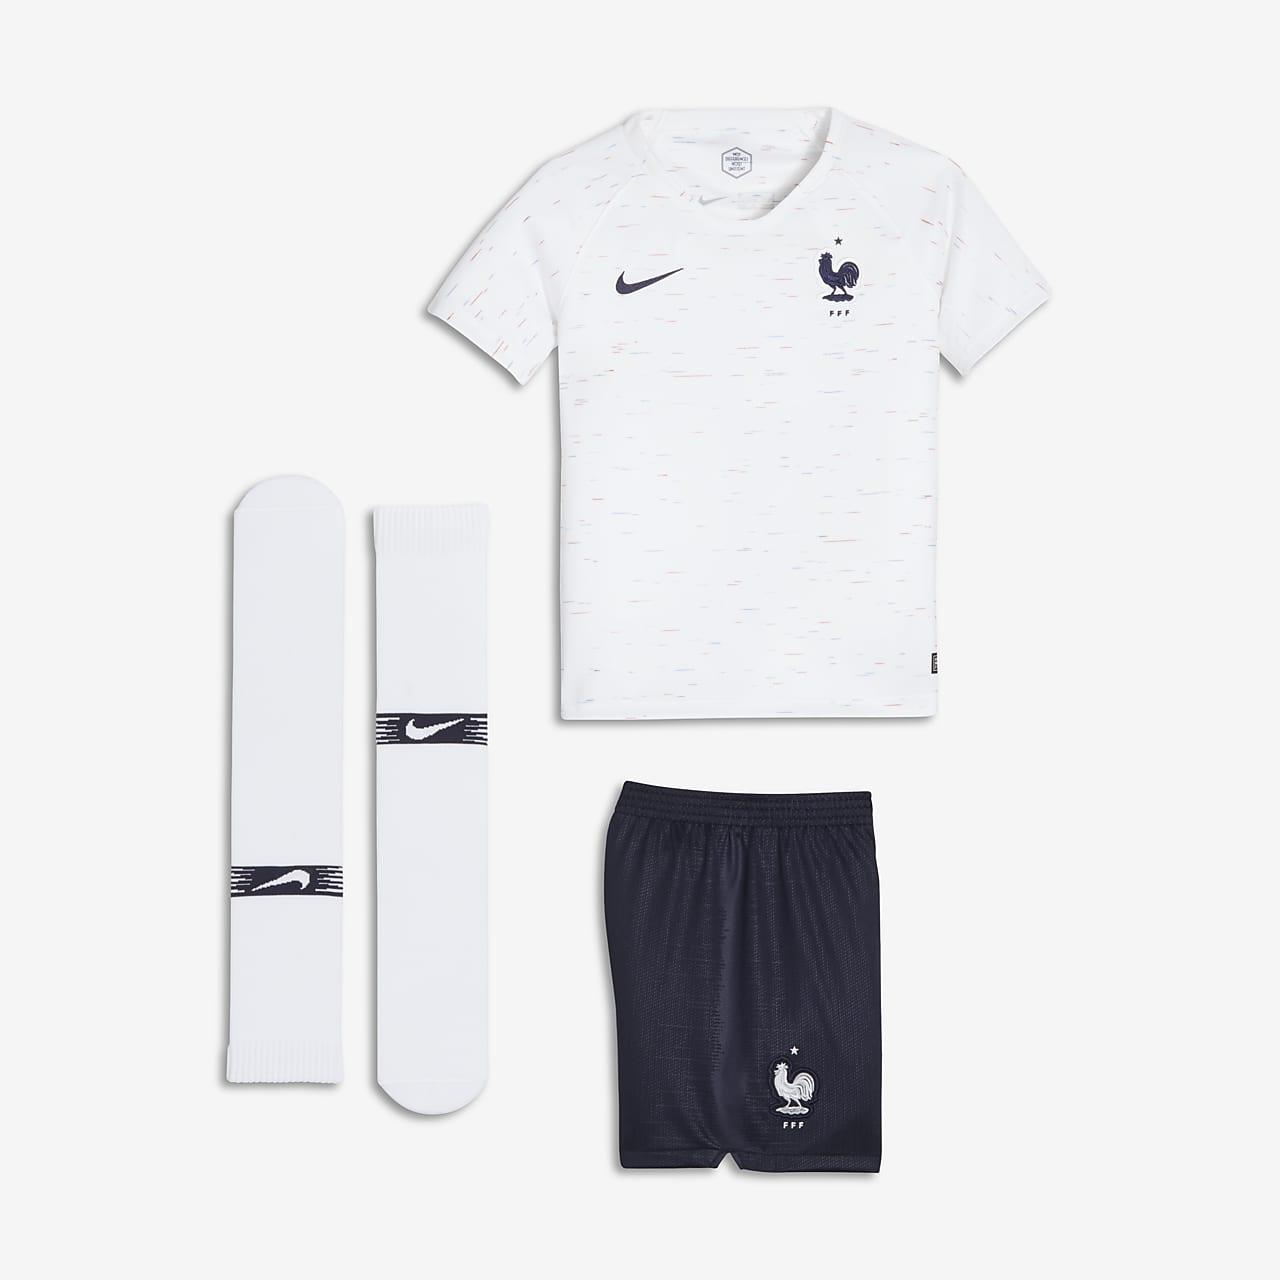 2018 FFF Stadium Away fotballdraktsett til små barn